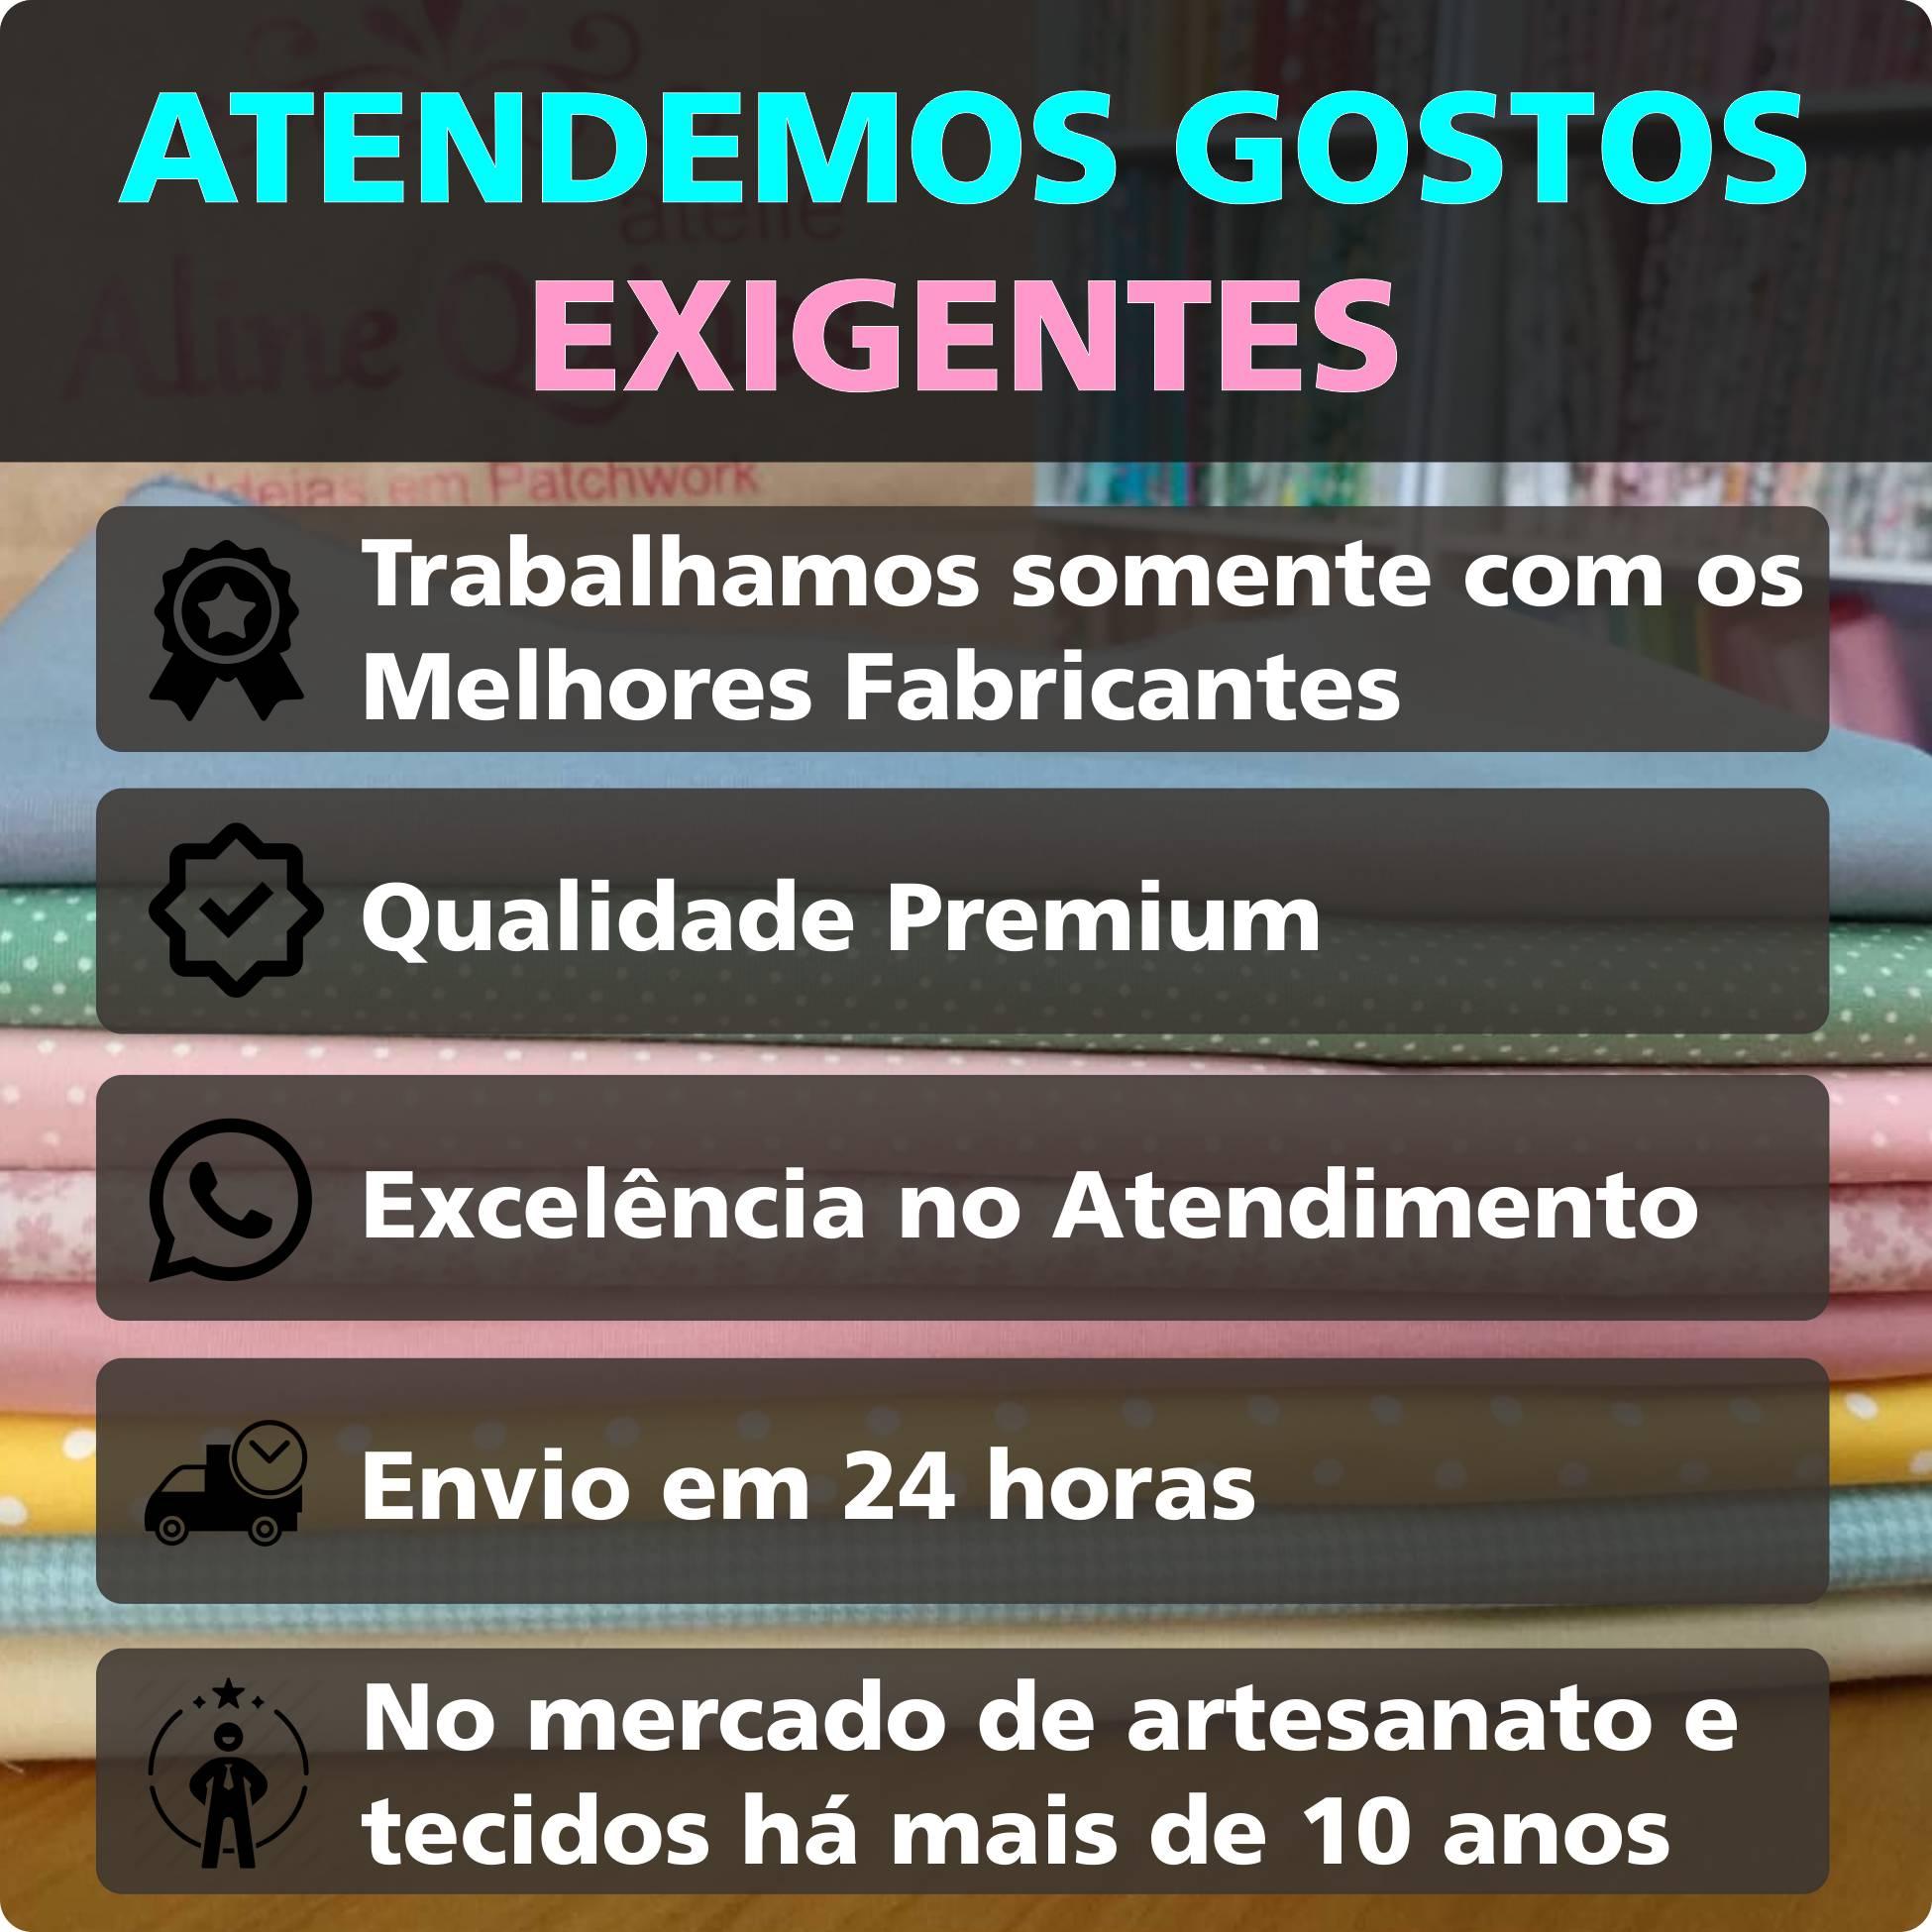 FUXICOS E FRICOTES - XADREZ COUNTRY GALINHAS - DIGITAL - 25cm X 150cm - Tecido Tricoline